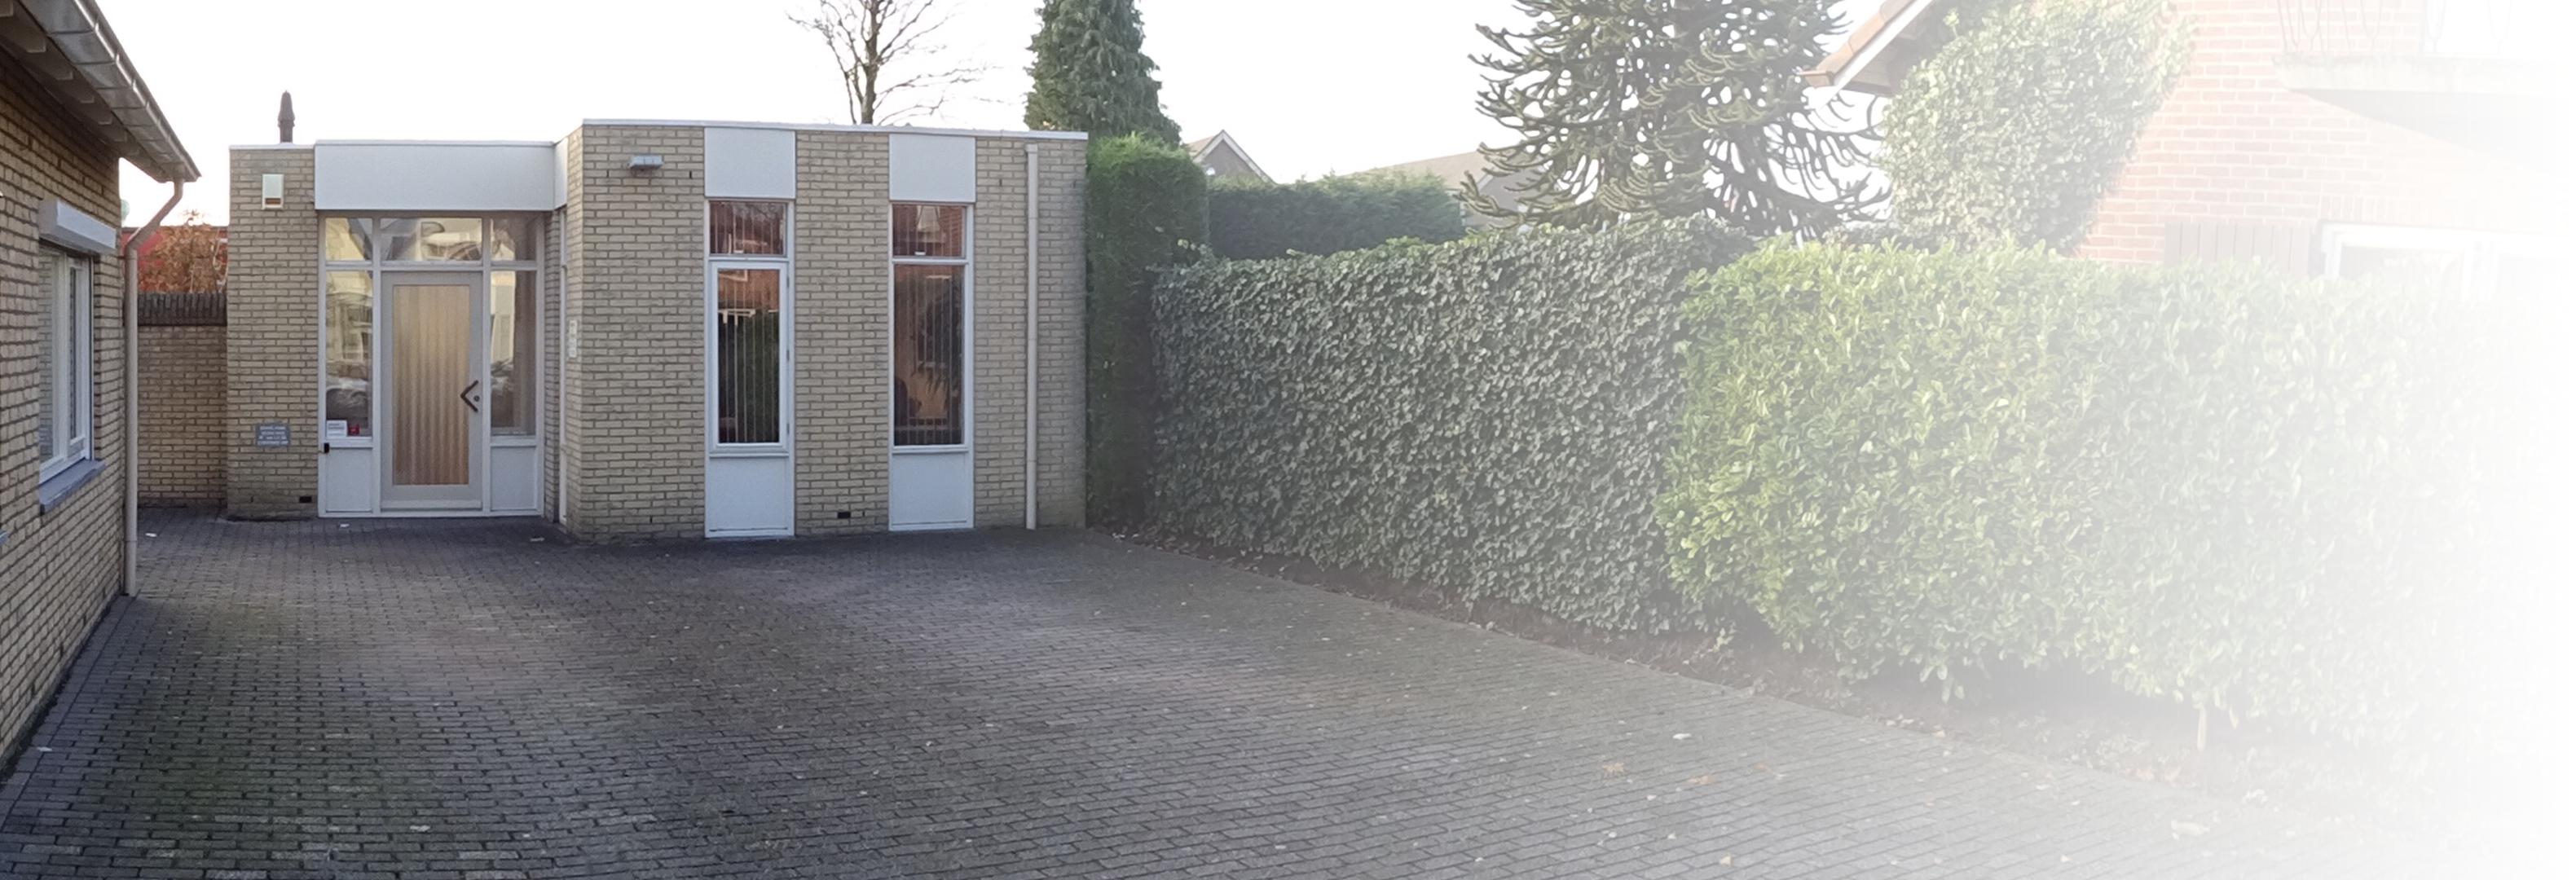 Accountantskantoor Zeeland, Administratiekantoor Zeeland